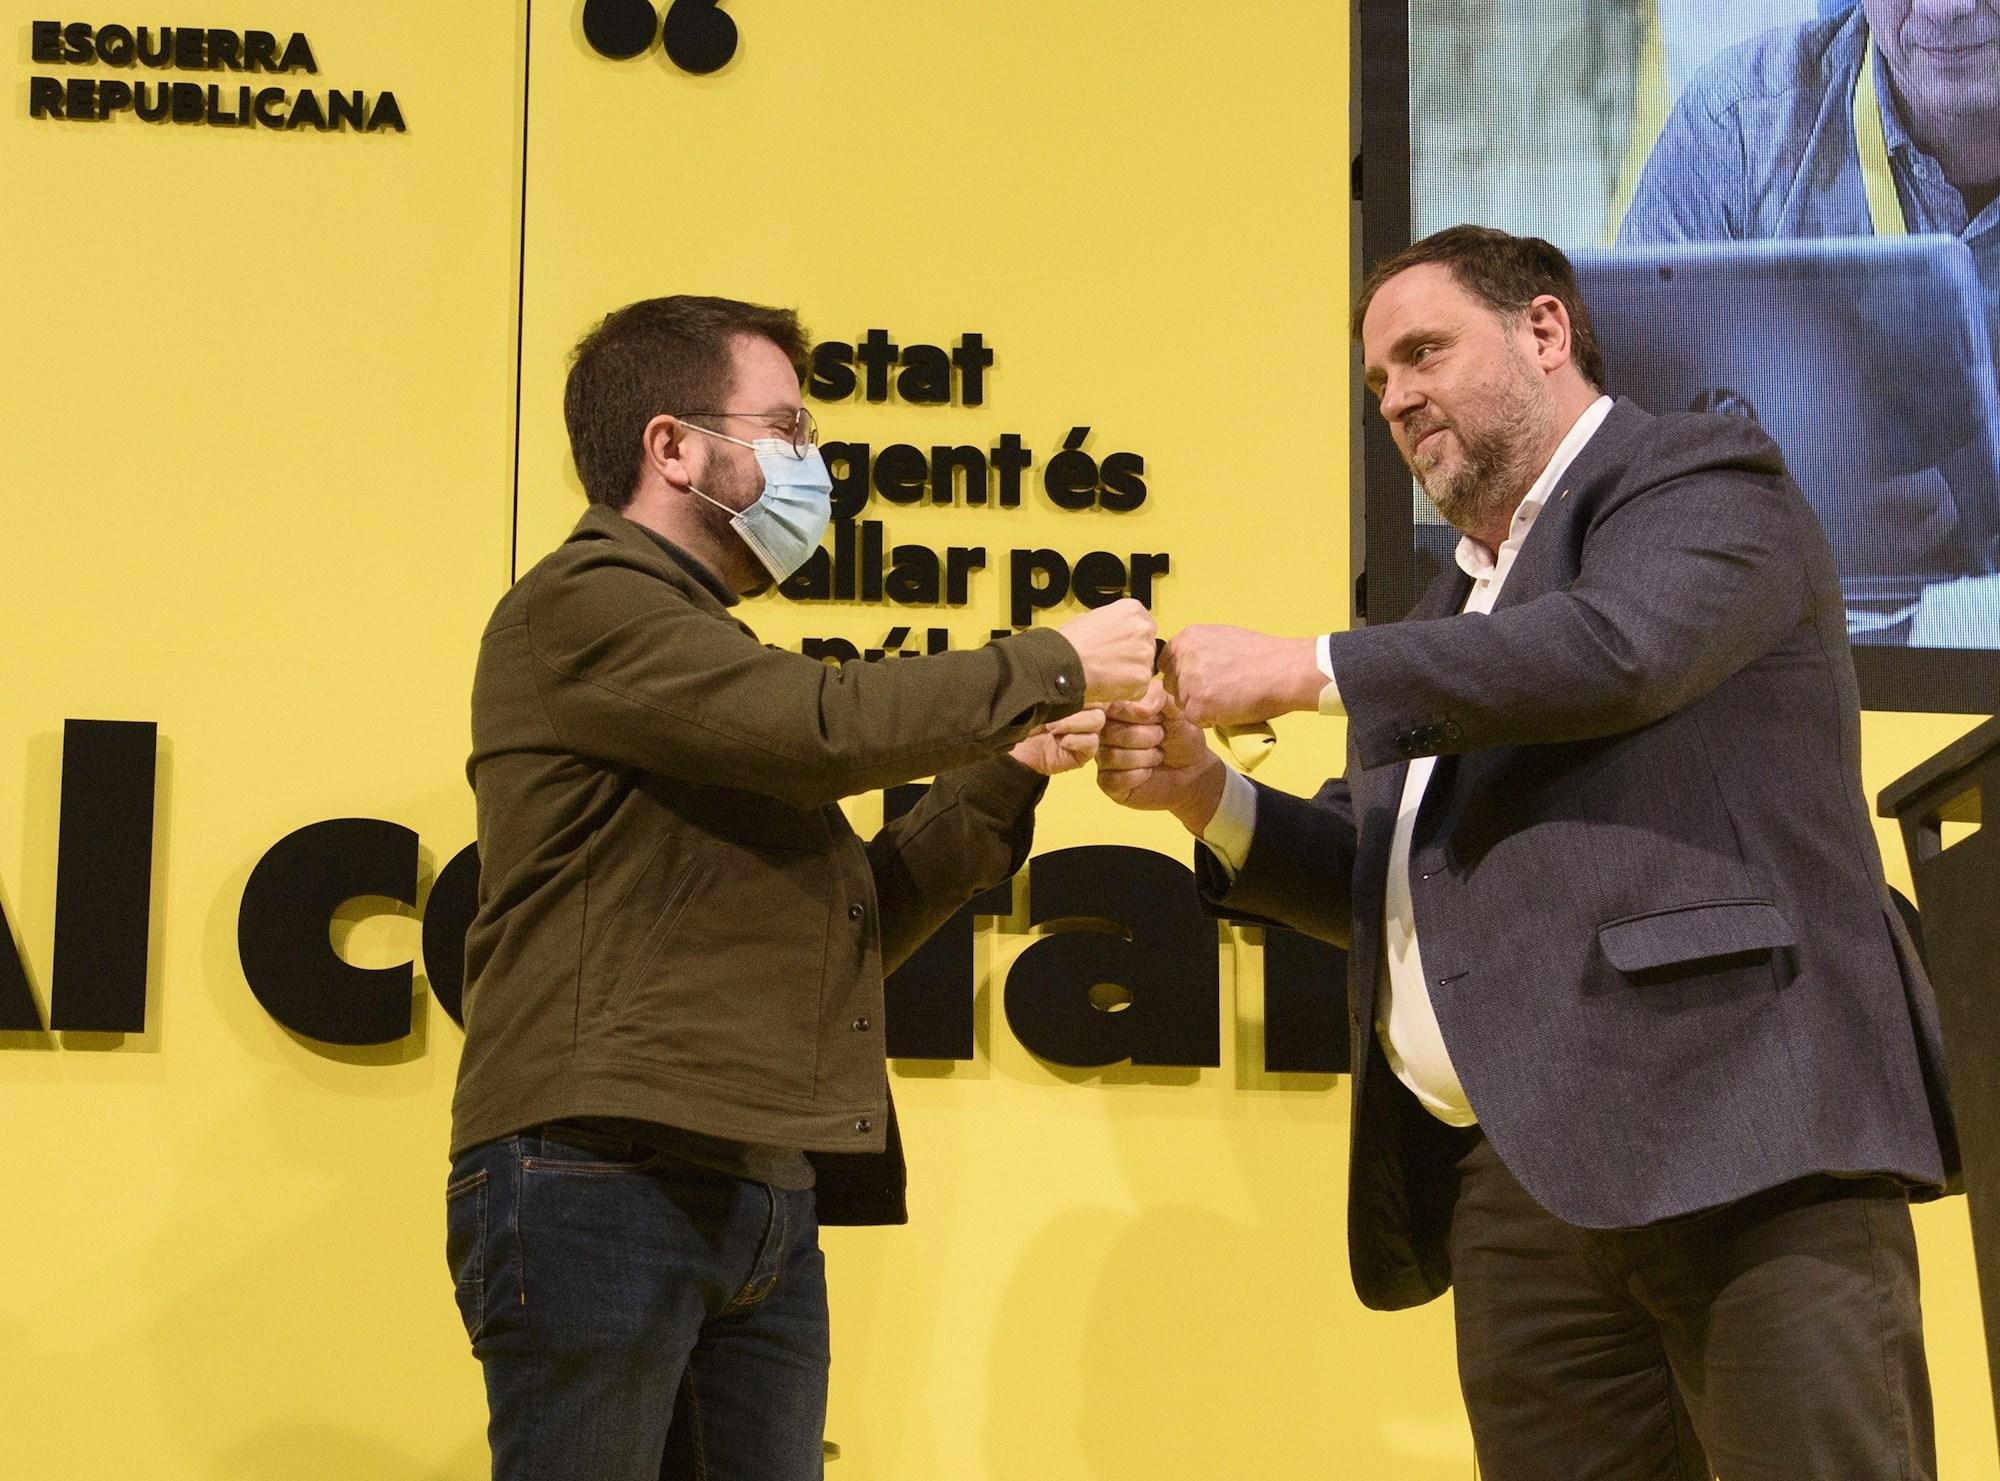 El líder de ERC, Oriol Junqueras (d), saluda al vicepresidente del Govern y candidato de ERC, Pere Aragonès, durante el acto electoral que la formación republicana celebra hoy jueves en el pabellón de Els Magraners de Lleida. EFE/Ramón Gabriel